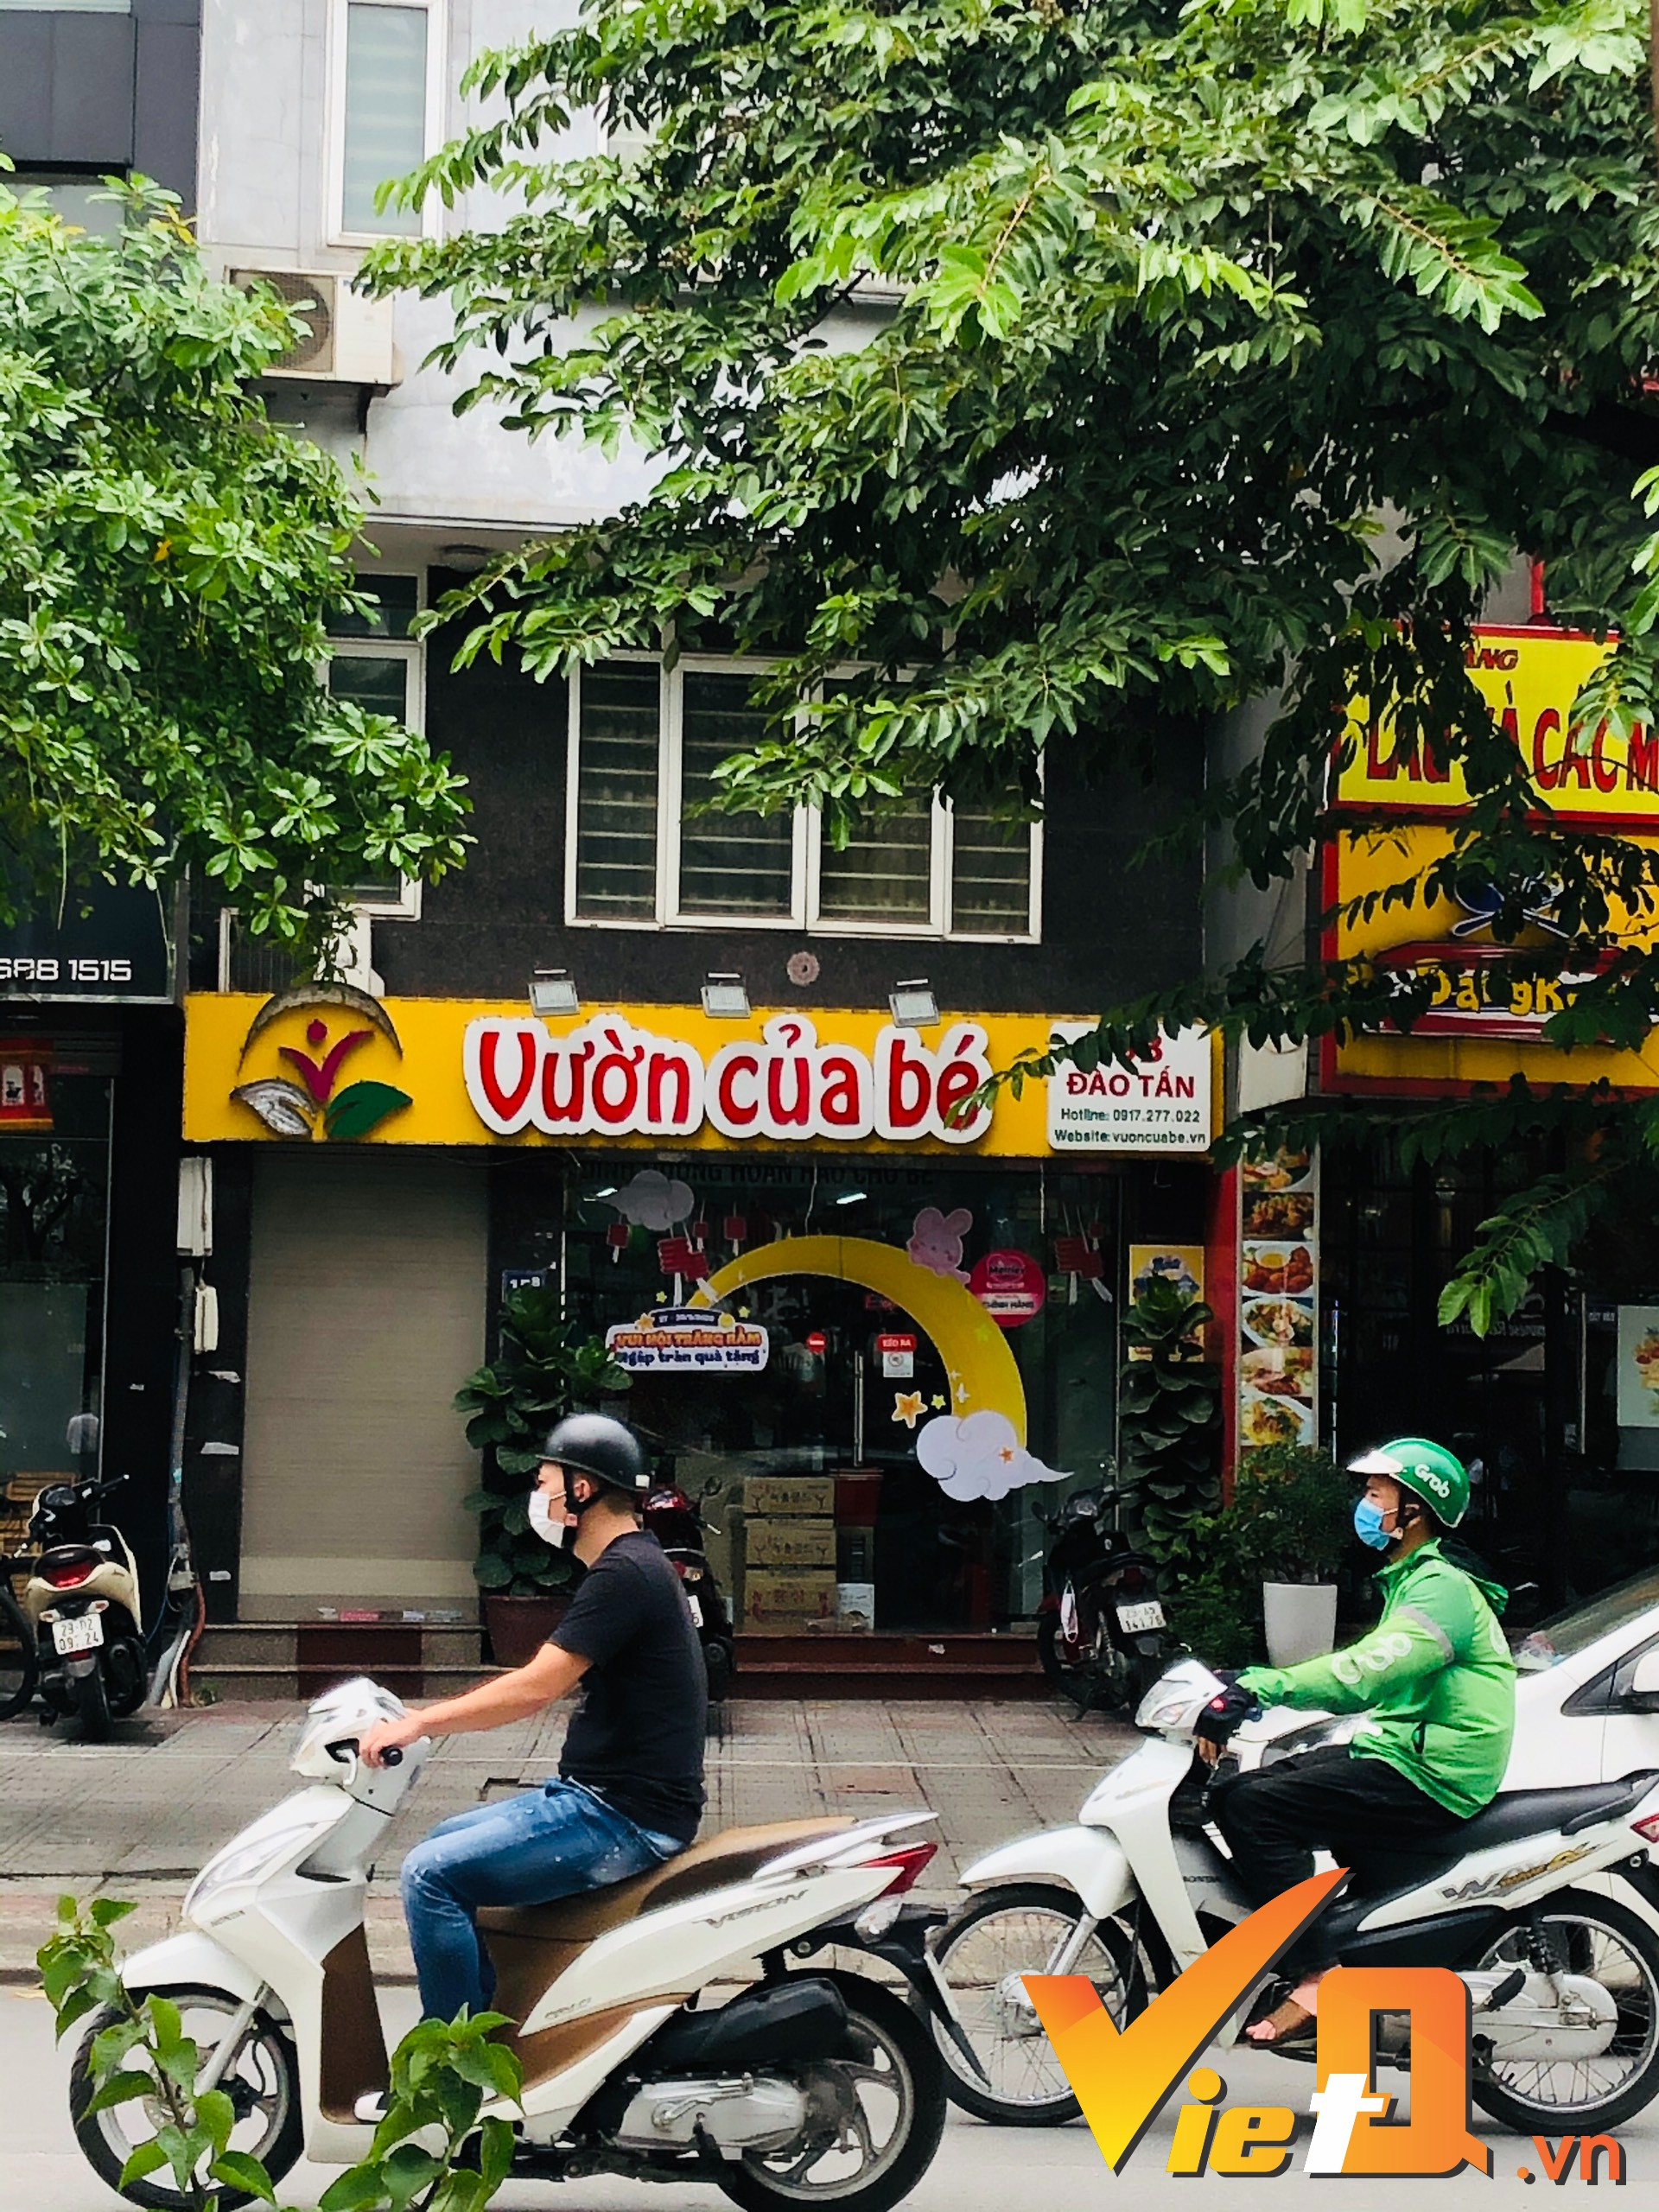 Hệ thống siêu thị 'Vườn của bé' bán hàng không có nhãn phụ tiếng Việt, hàng không rõ nguồn gốc?